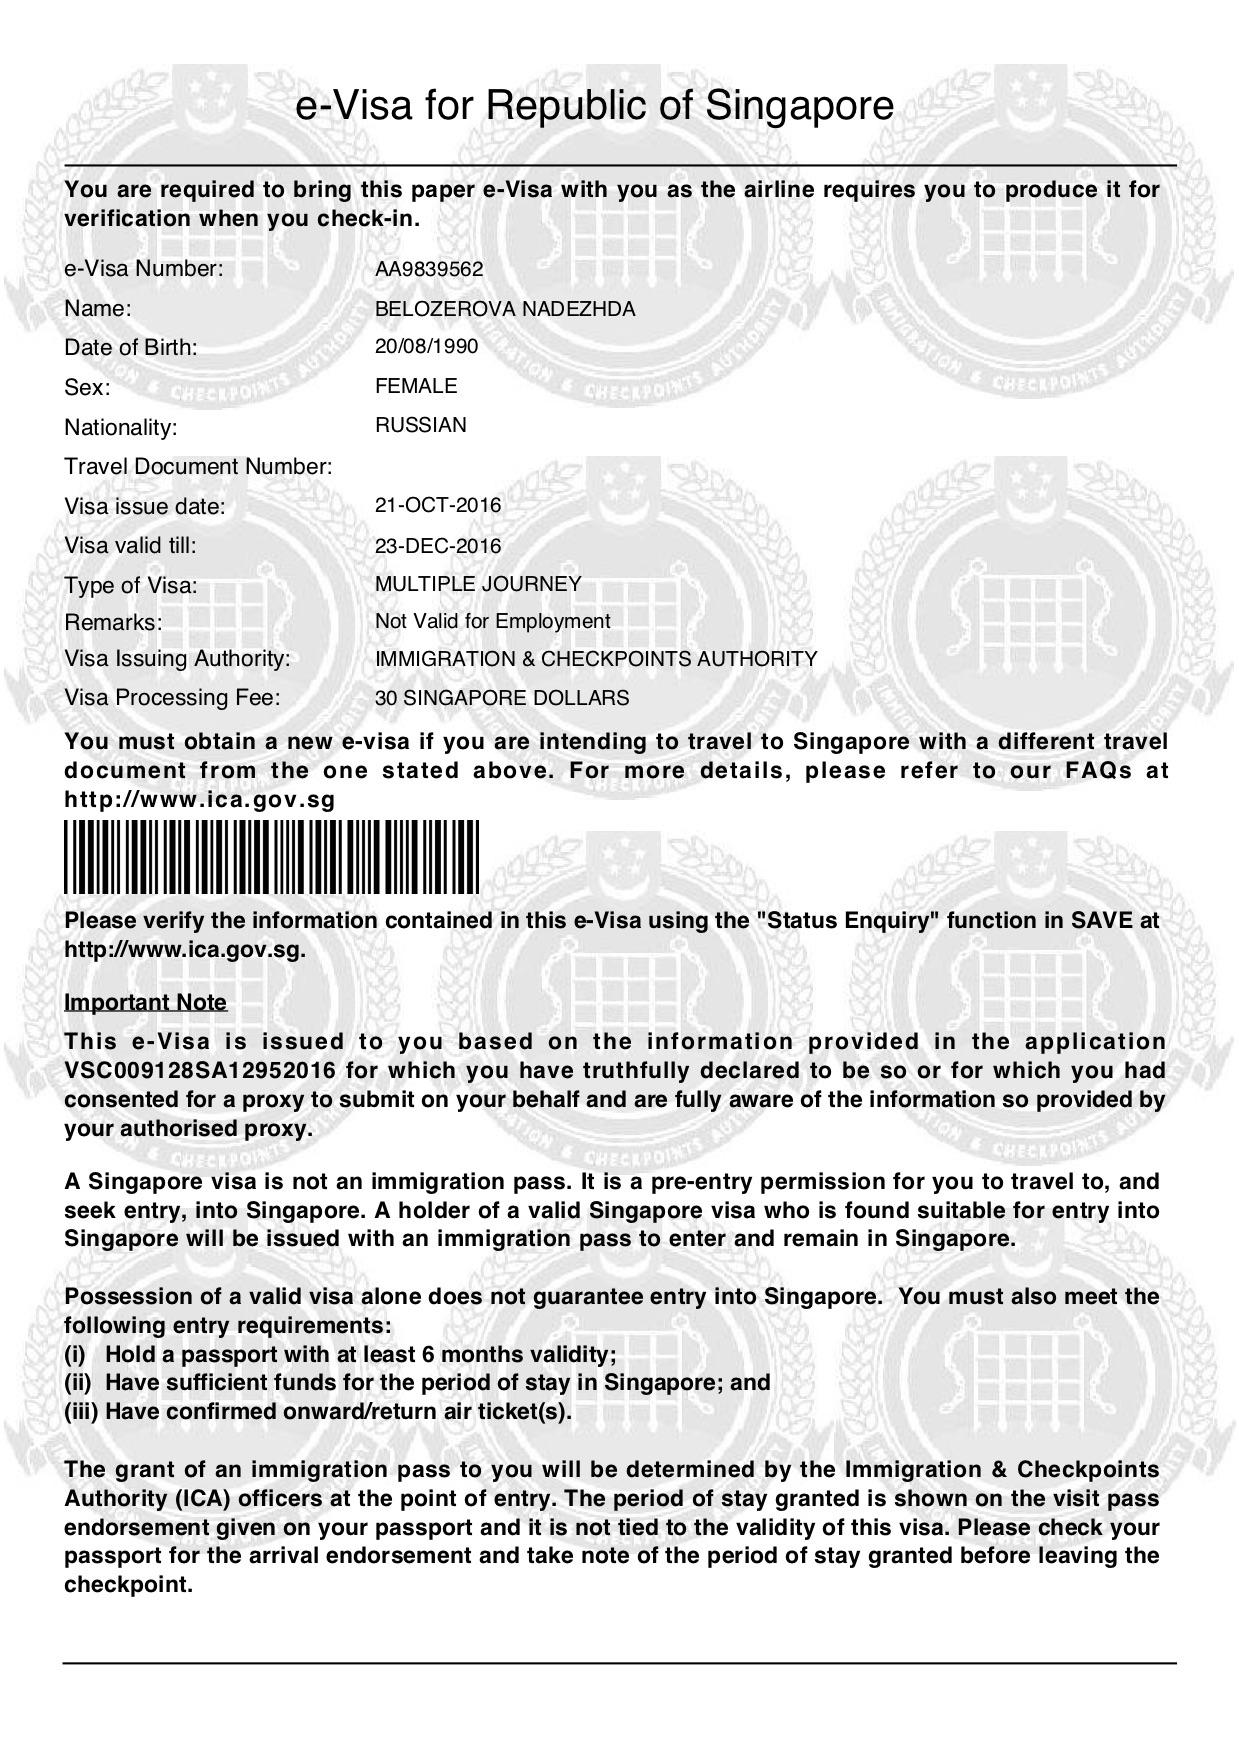 E-виза в Сингапур